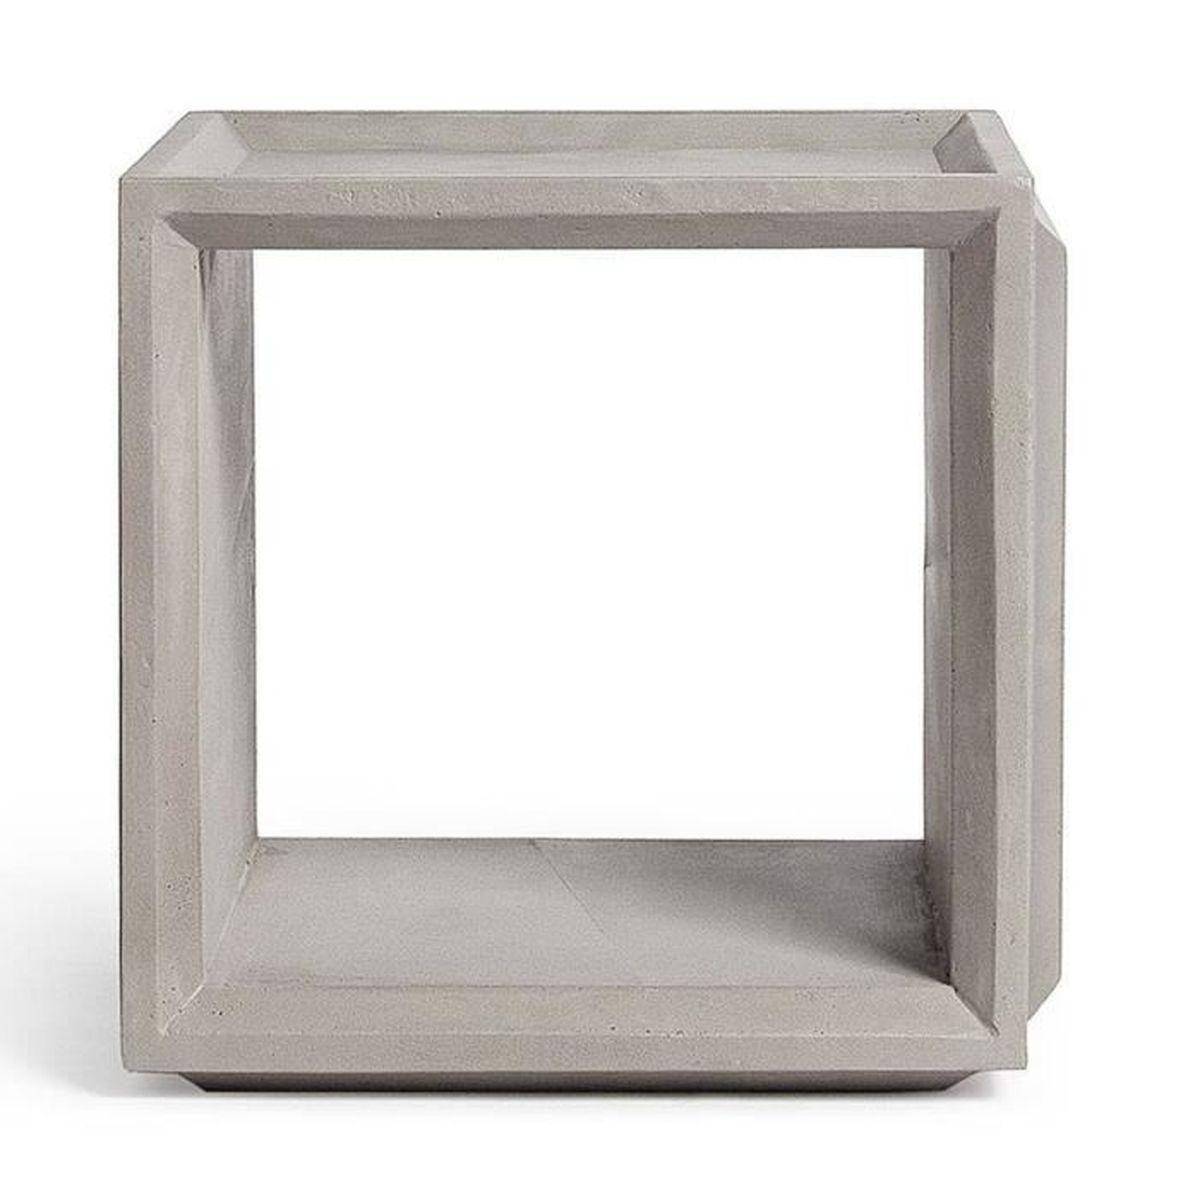 module de rangement cube b ton plus s couleur gris b ton. Black Bedroom Furniture Sets. Home Design Ideas